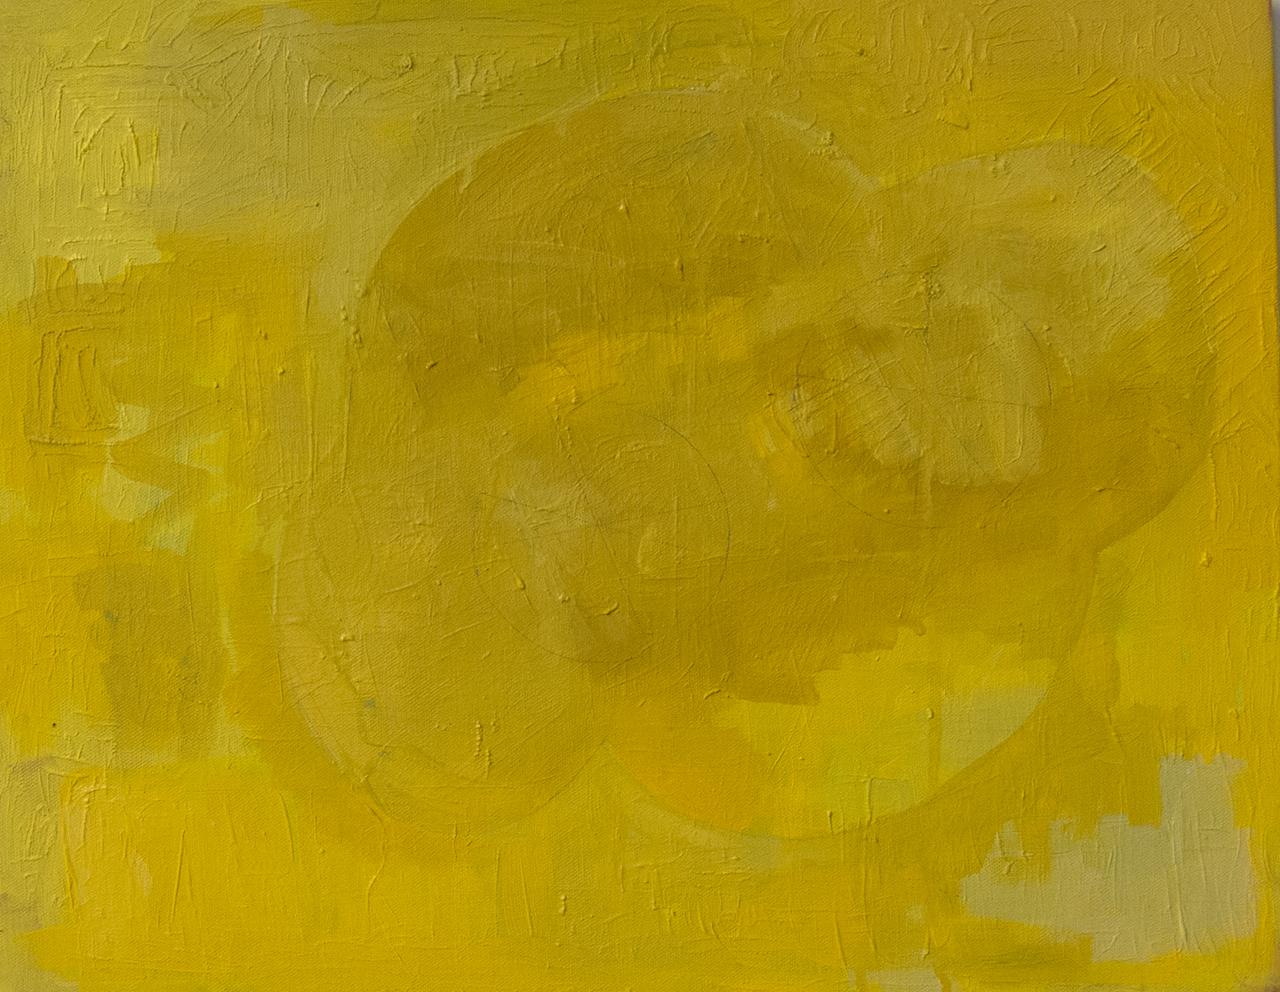 """Sharon Butler, """"Marti Pello"""" (2015), oil on canvas, 16 x 20 inches"""